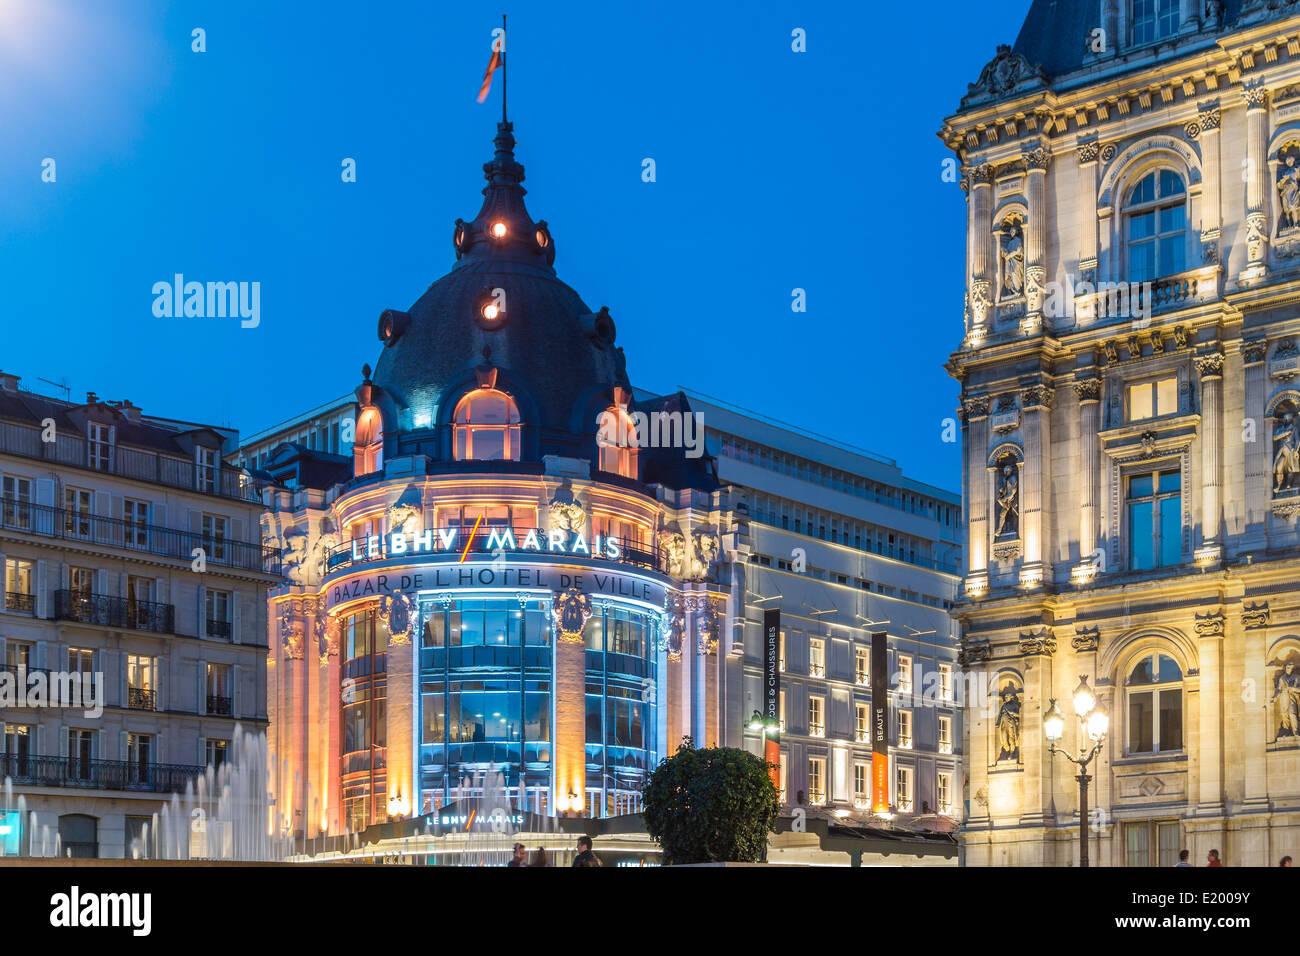 Paris BHV Marais or Bazar de l'Hôtel de Ville. Department store on the Rue de Rivoli. Next to City Hall, - Stock Image